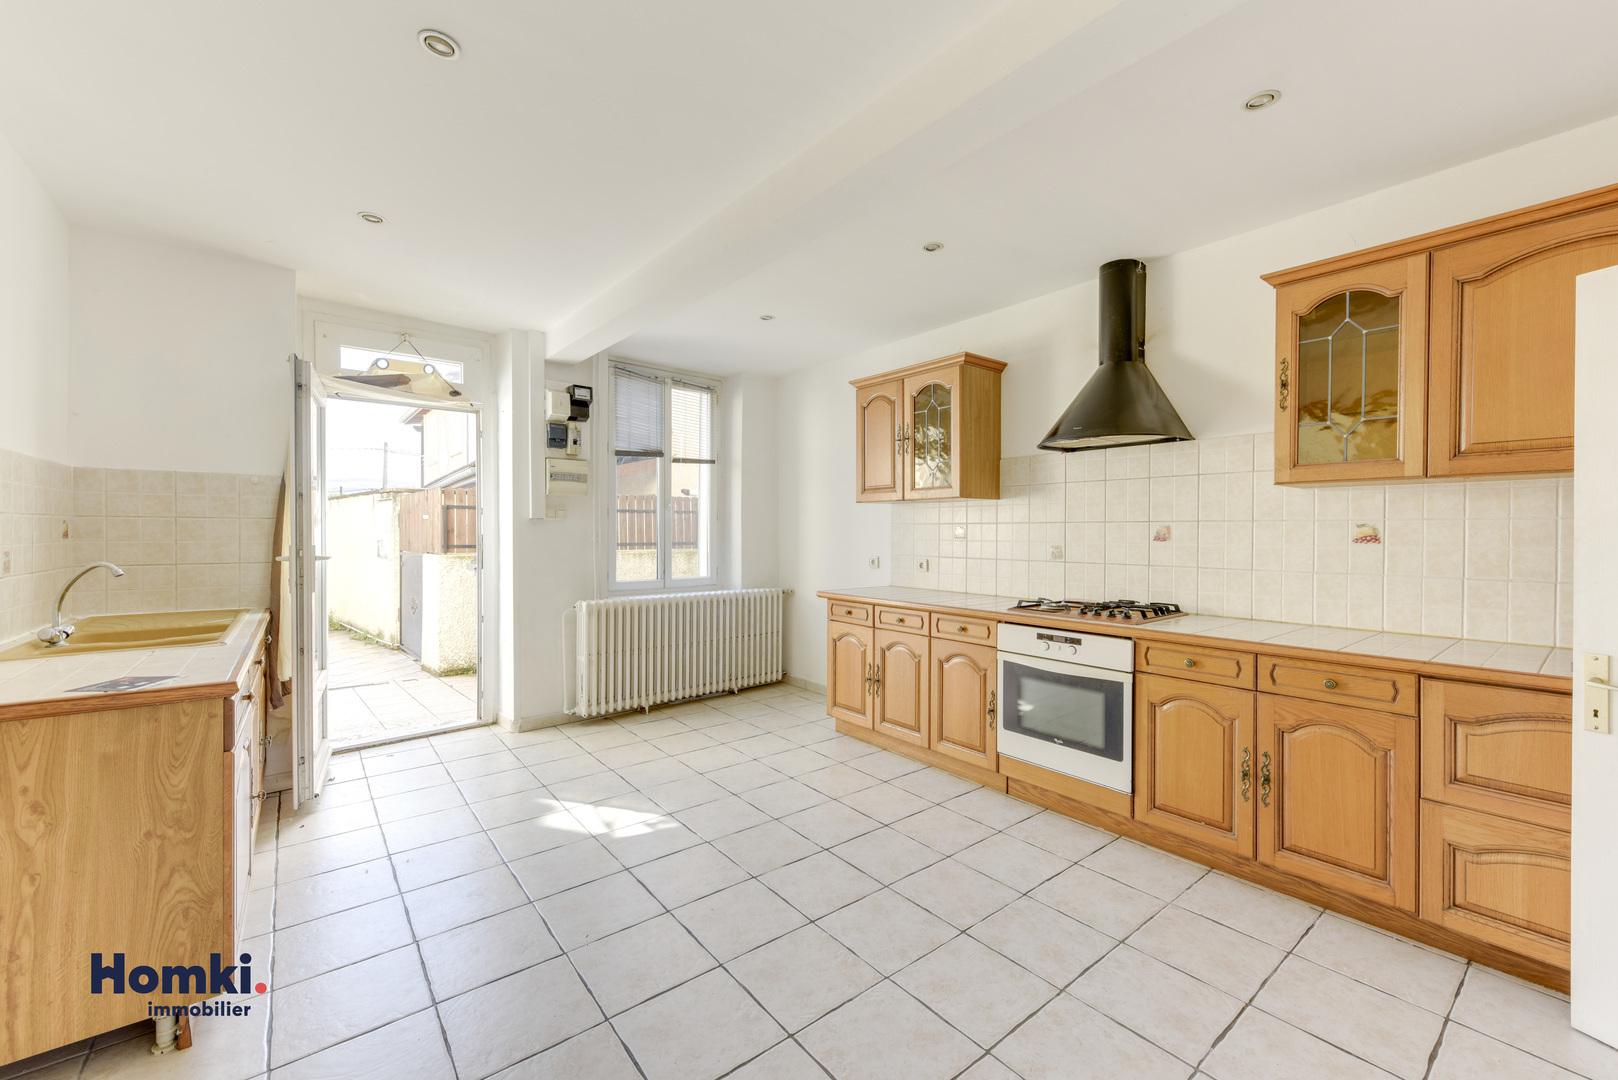 Maison I 113 m² I T4 I 38670 | photo 3